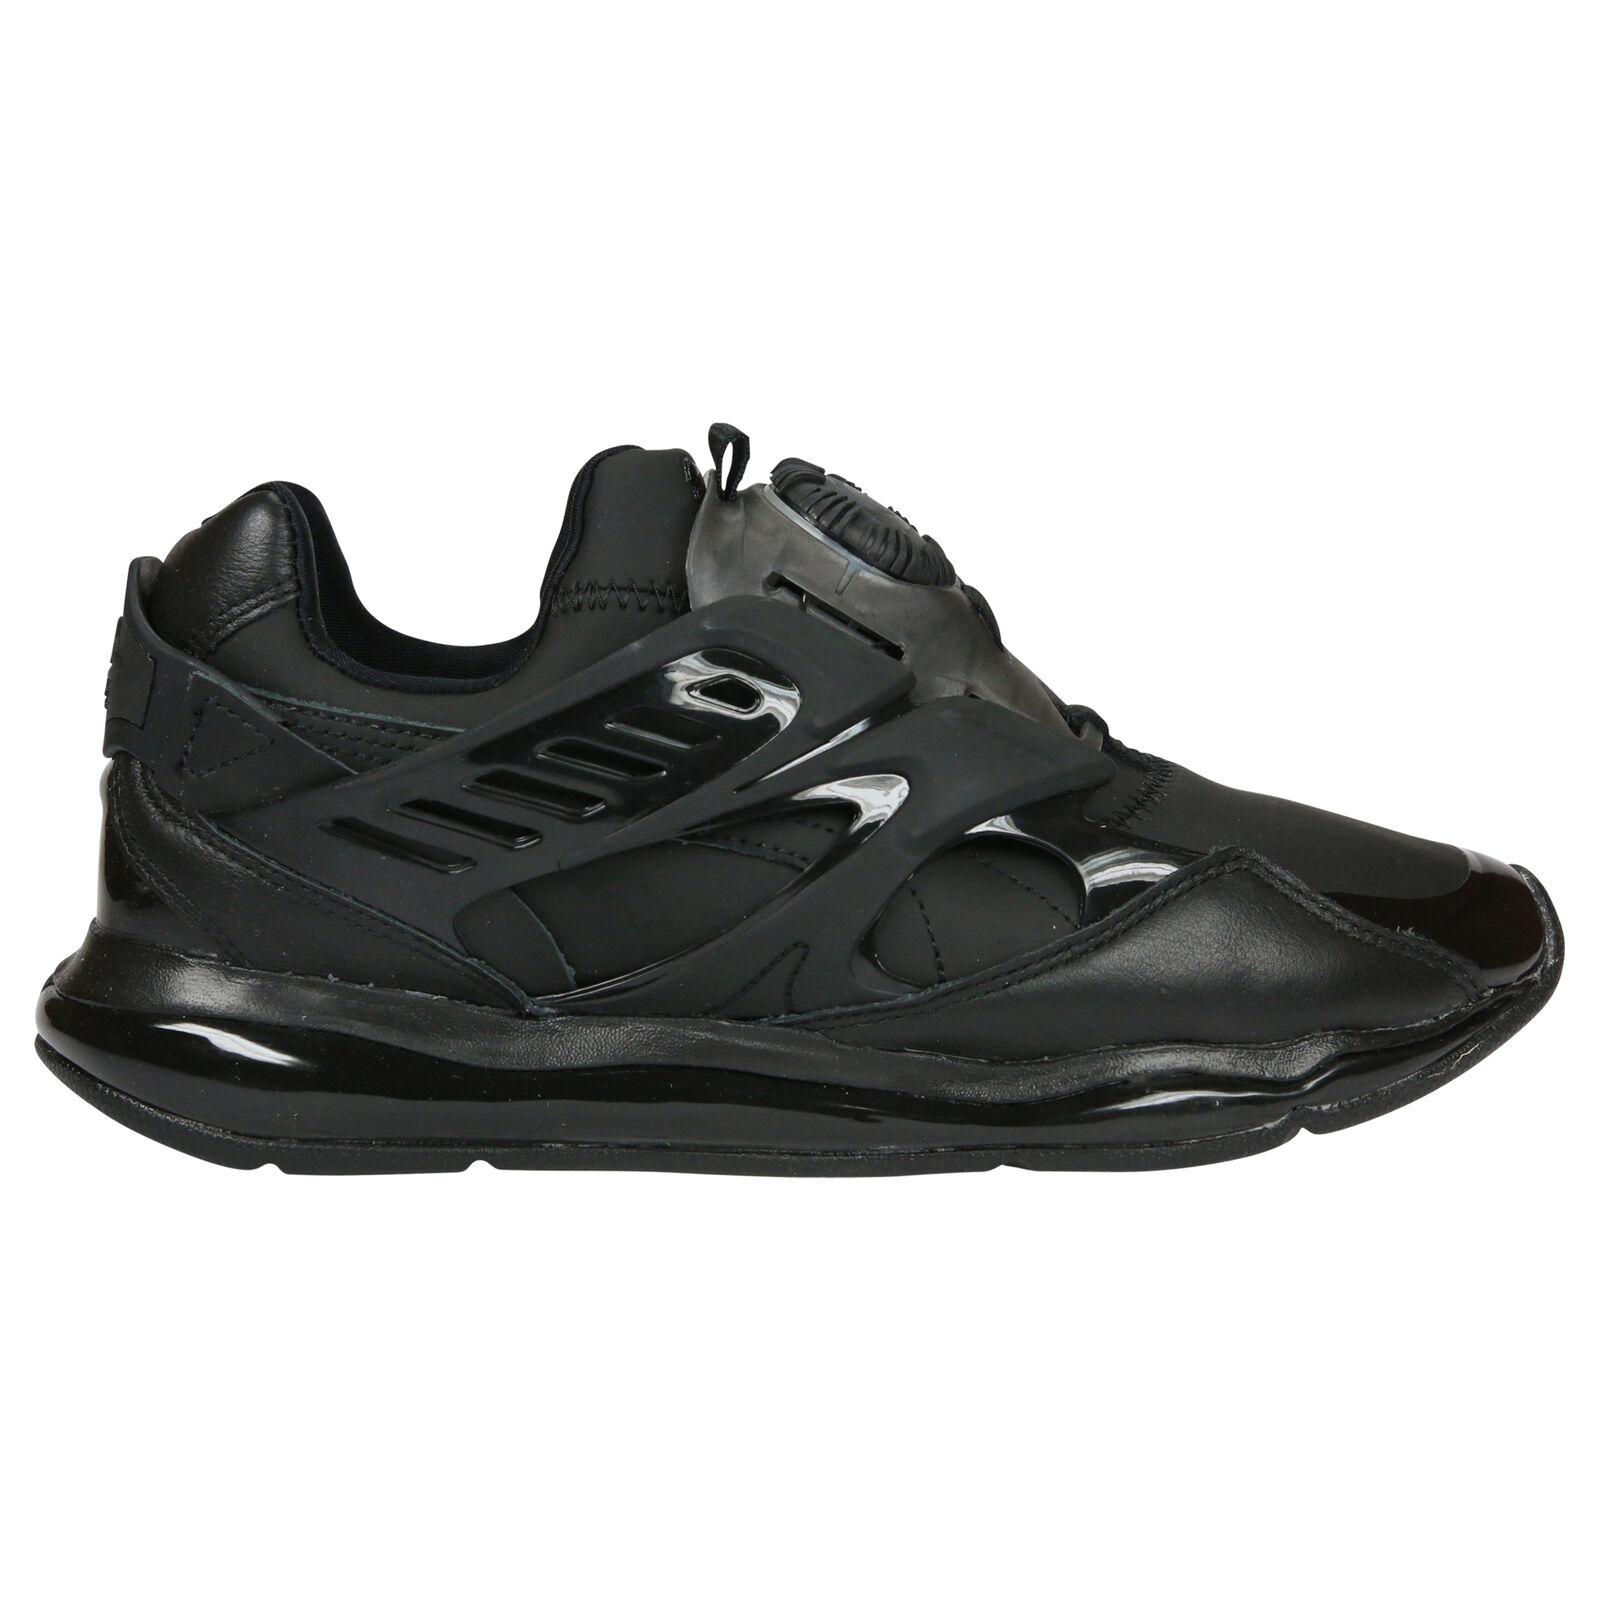 Puma Sneaker Disc Blaze Cell Zapatos TurnZapatos Sneaker Puma Herren Damen 360078 01 Schwarz baf6e1